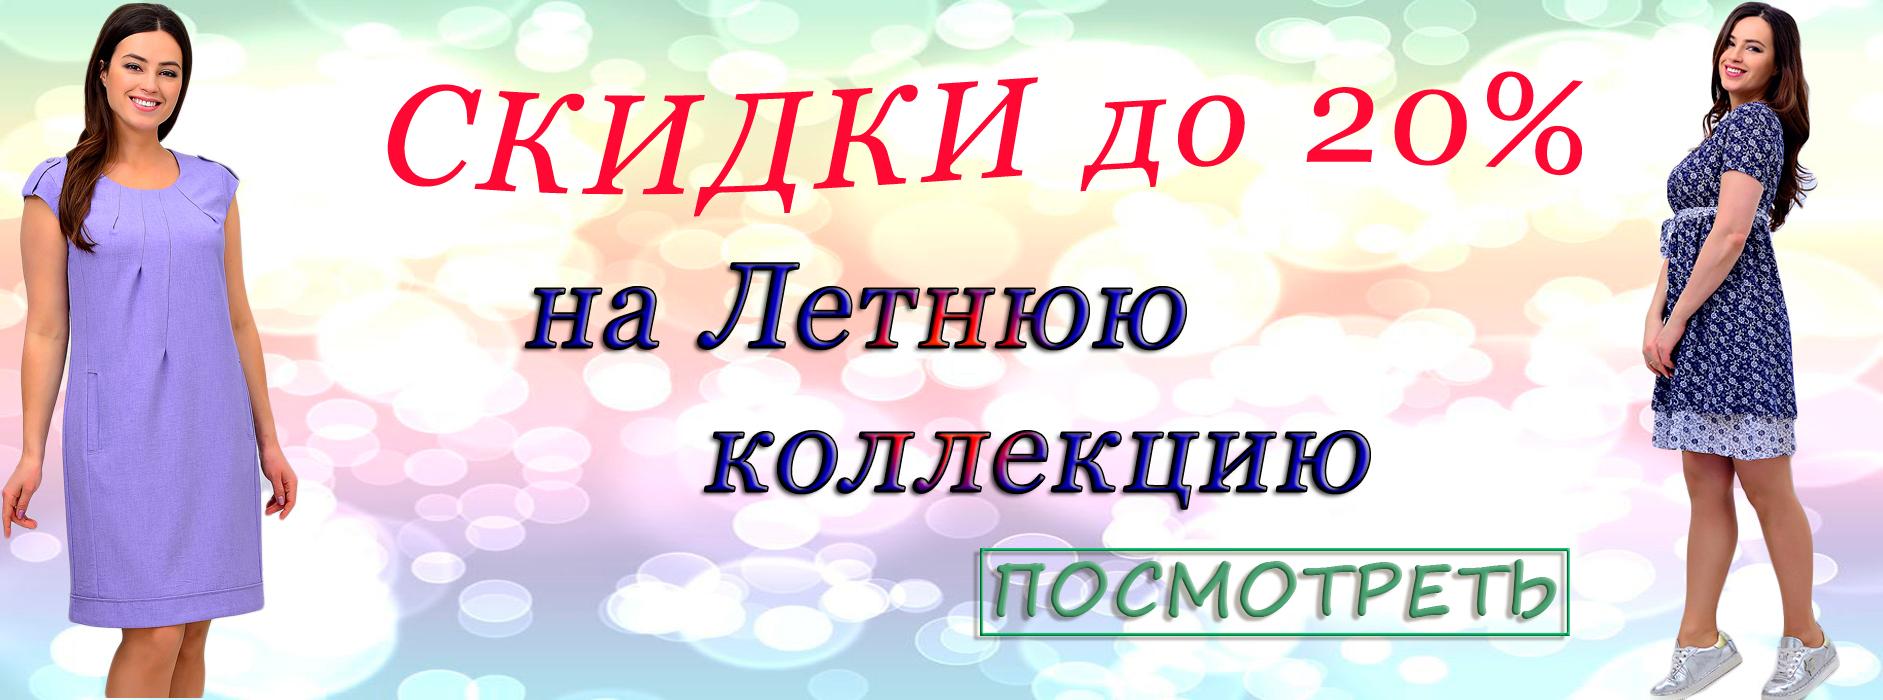 Летняя коллекция 2019 скидка 20%